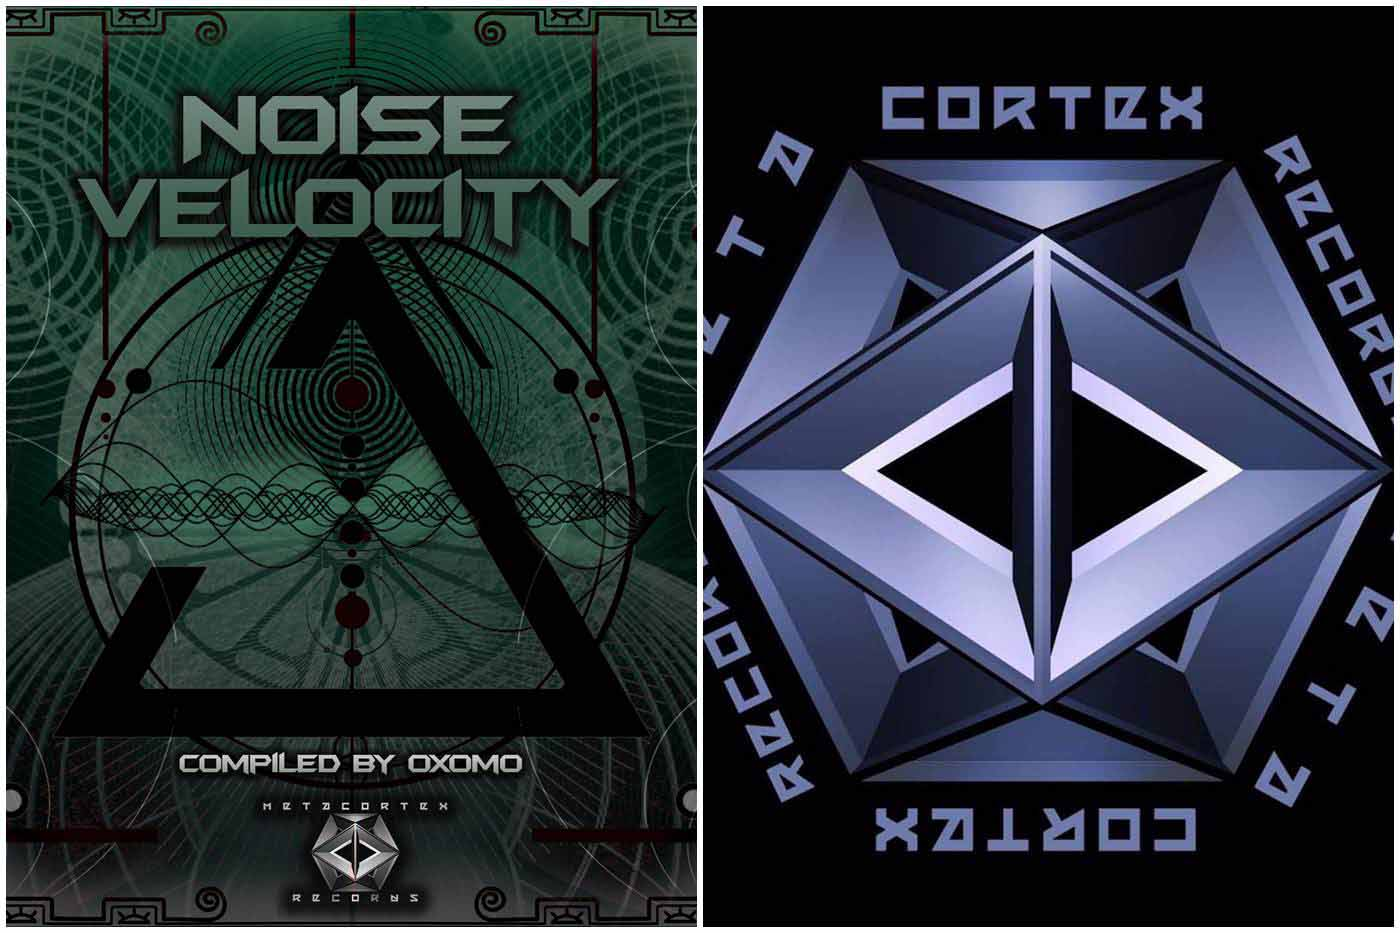 VA Noise Velocity Metacortex tarafından 30 Kasım'da yayınlanıyor